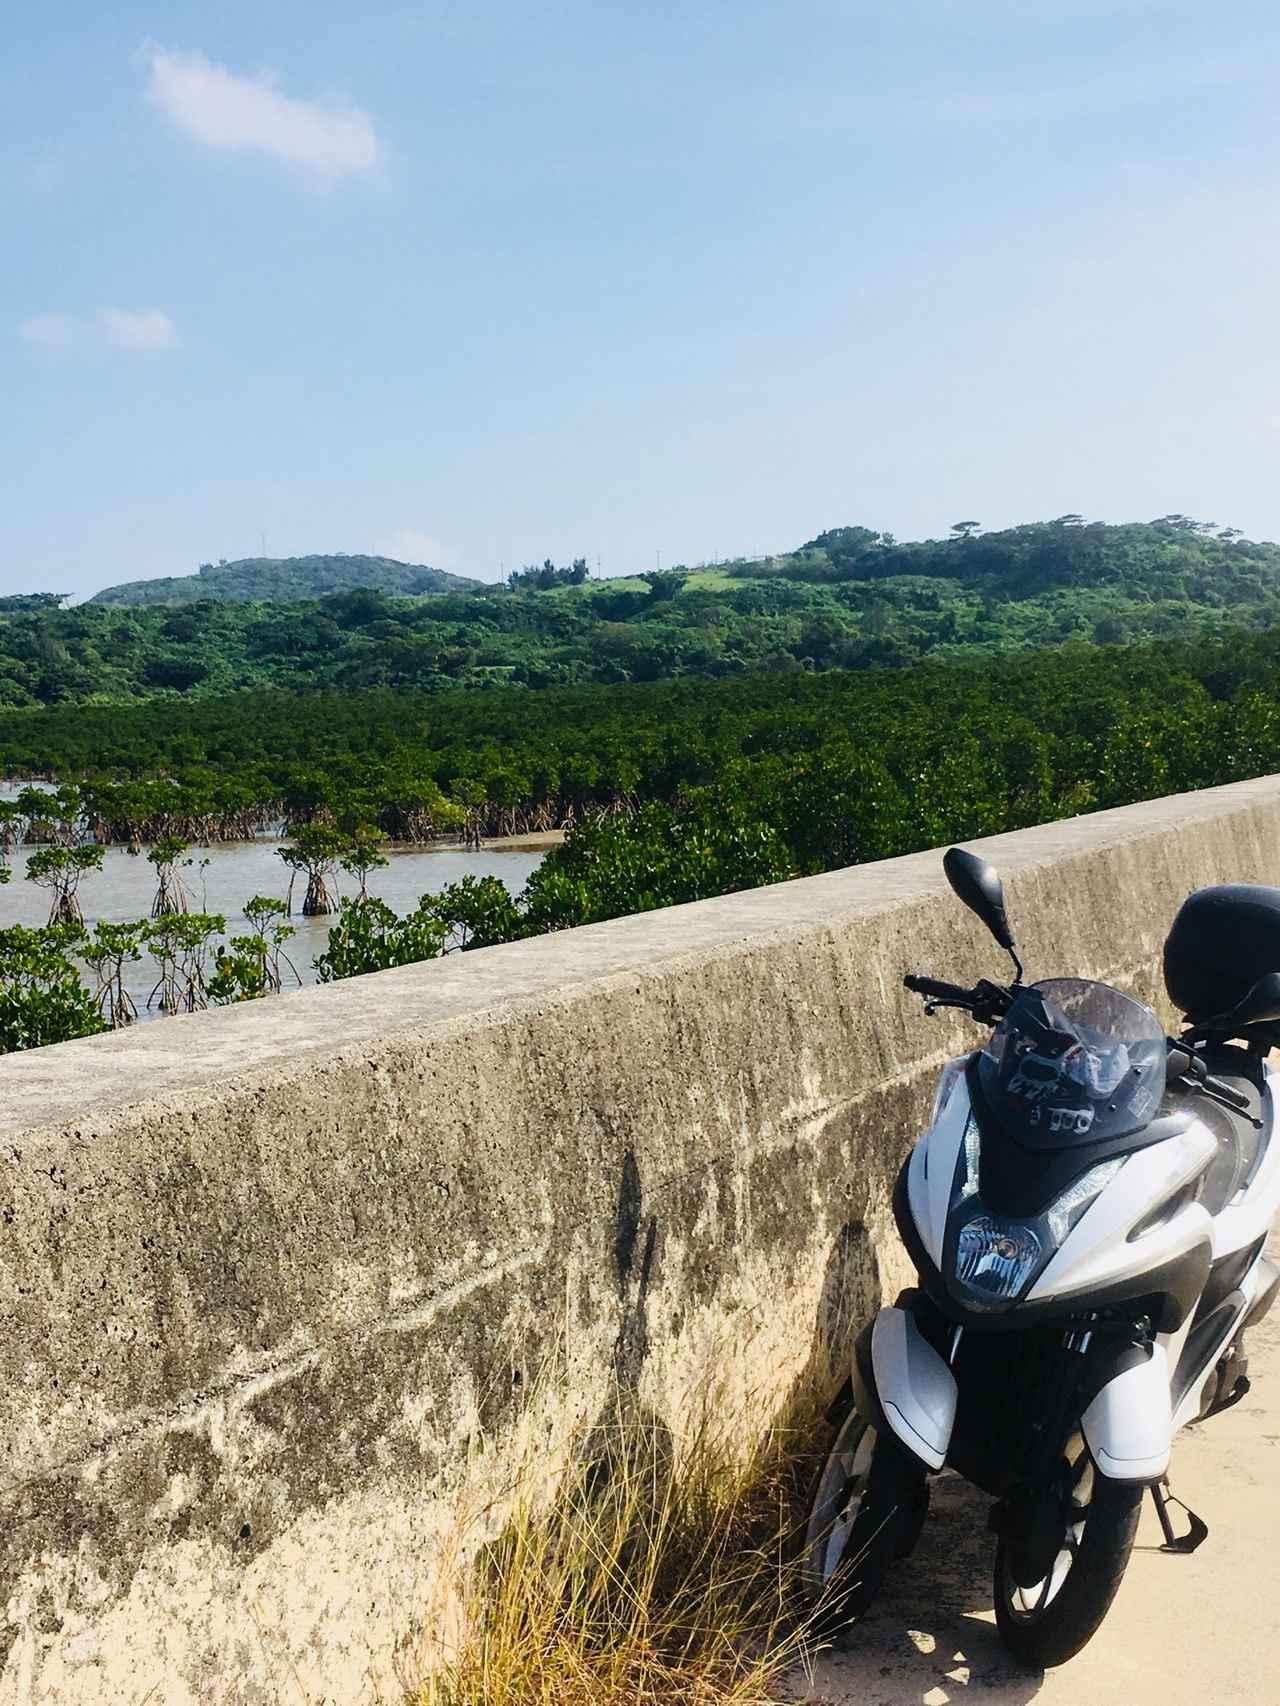 画像: マングローブ林 迫力に圧倒!そして自然の力と美しさにうっとりです。ワイルドでかっこいい景色だったよ(  ゚Д゚)